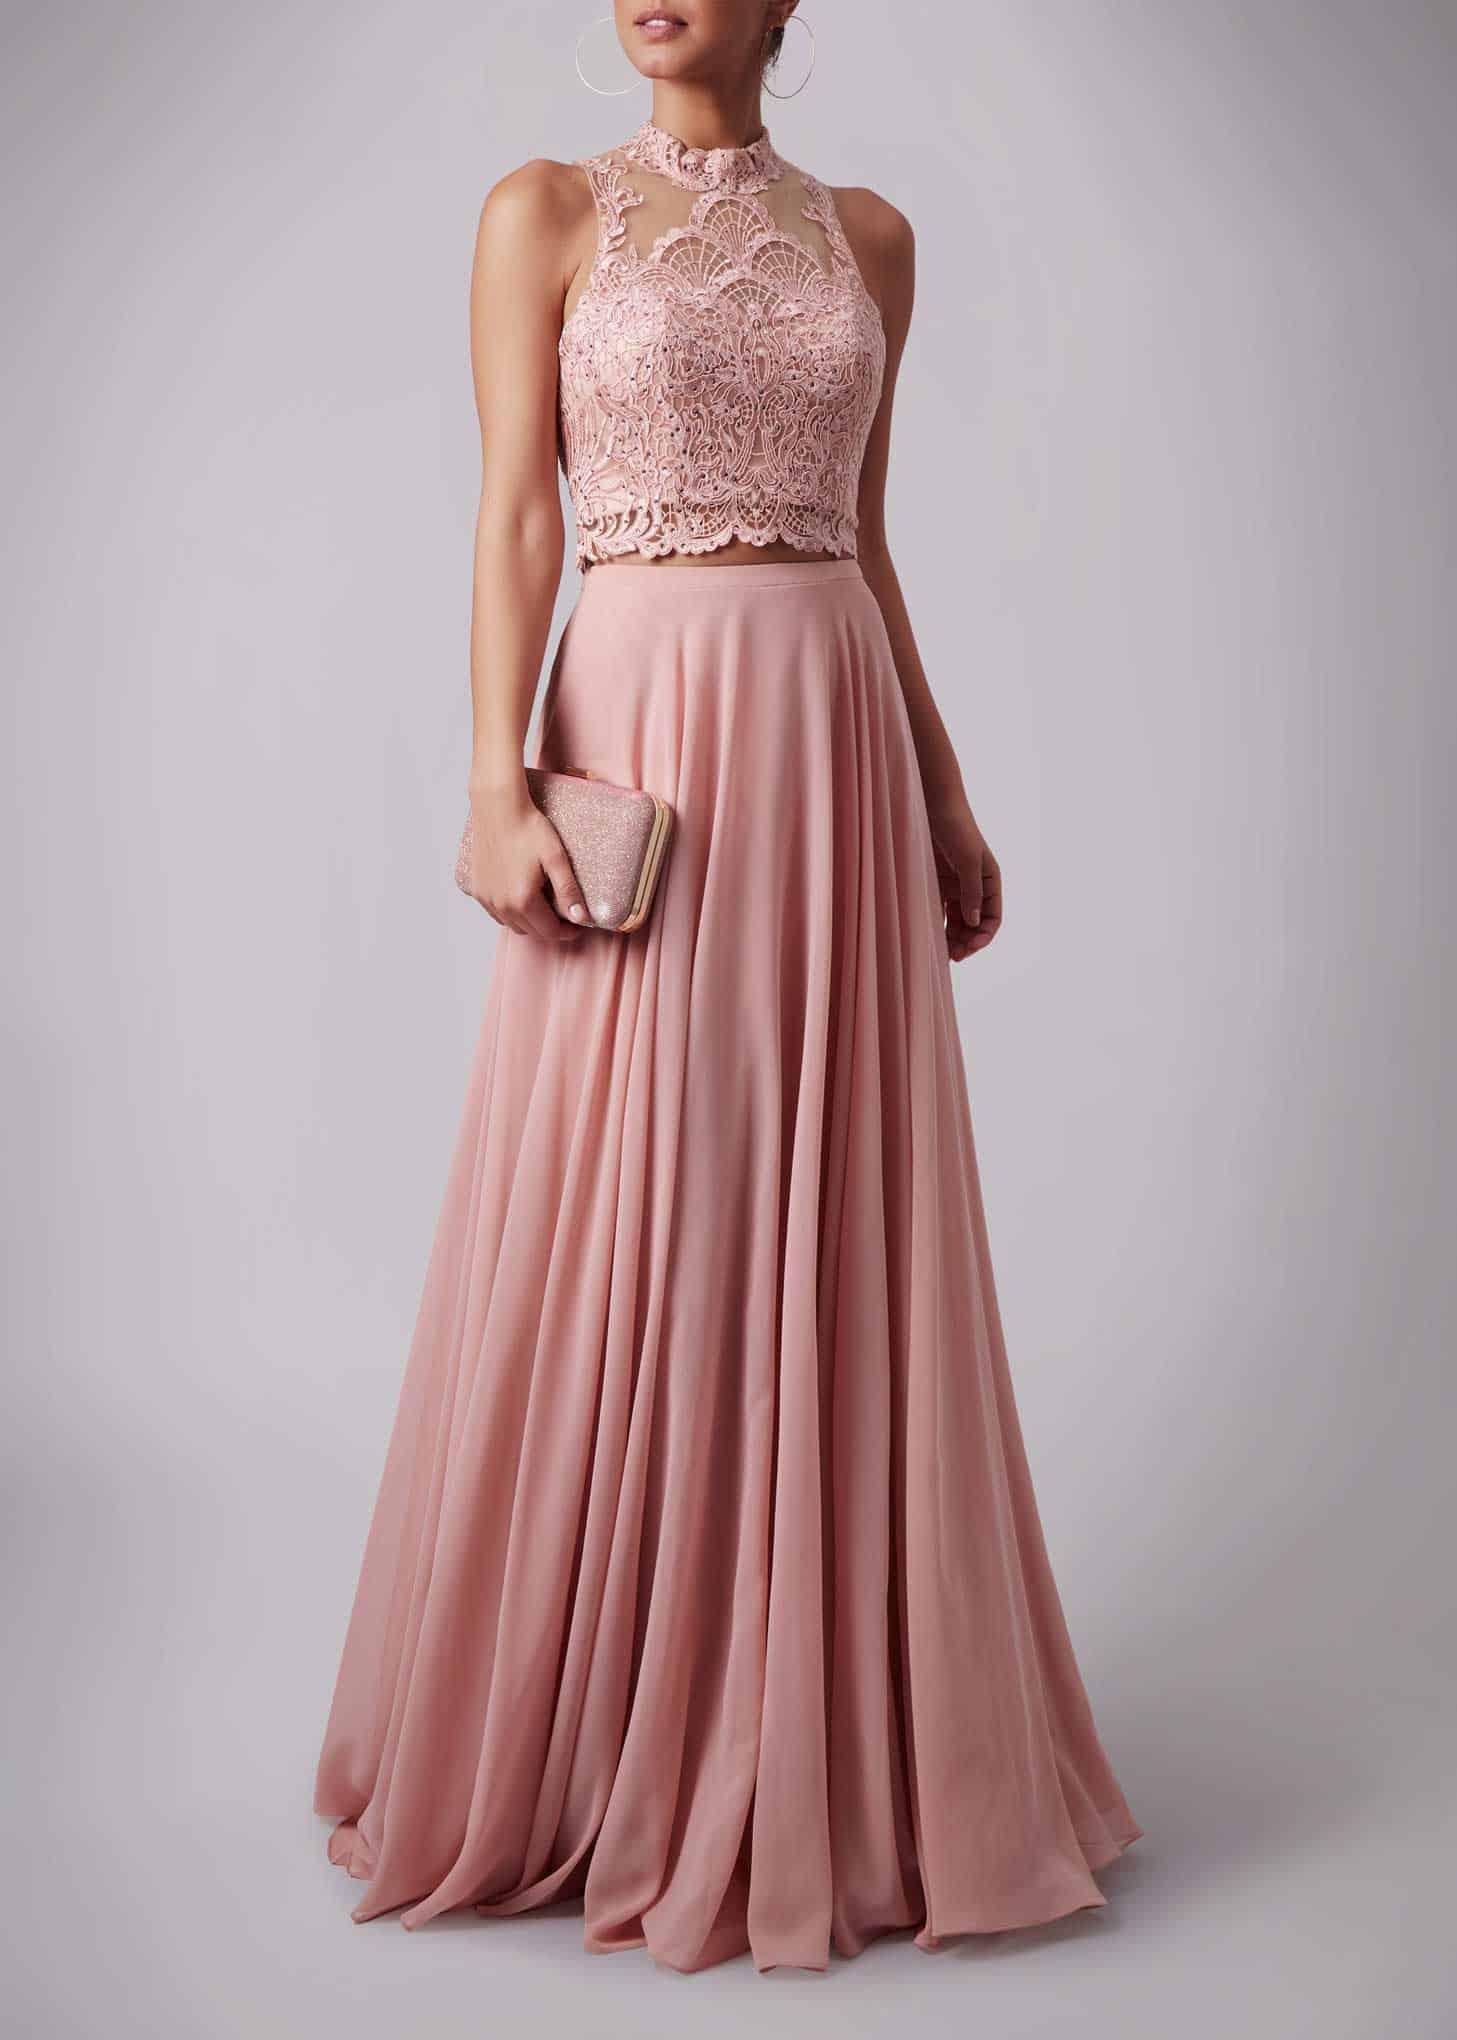 10 Elegant Abend Kleid Rose VertriebFormal Einfach Abend Kleid Rose Boutique